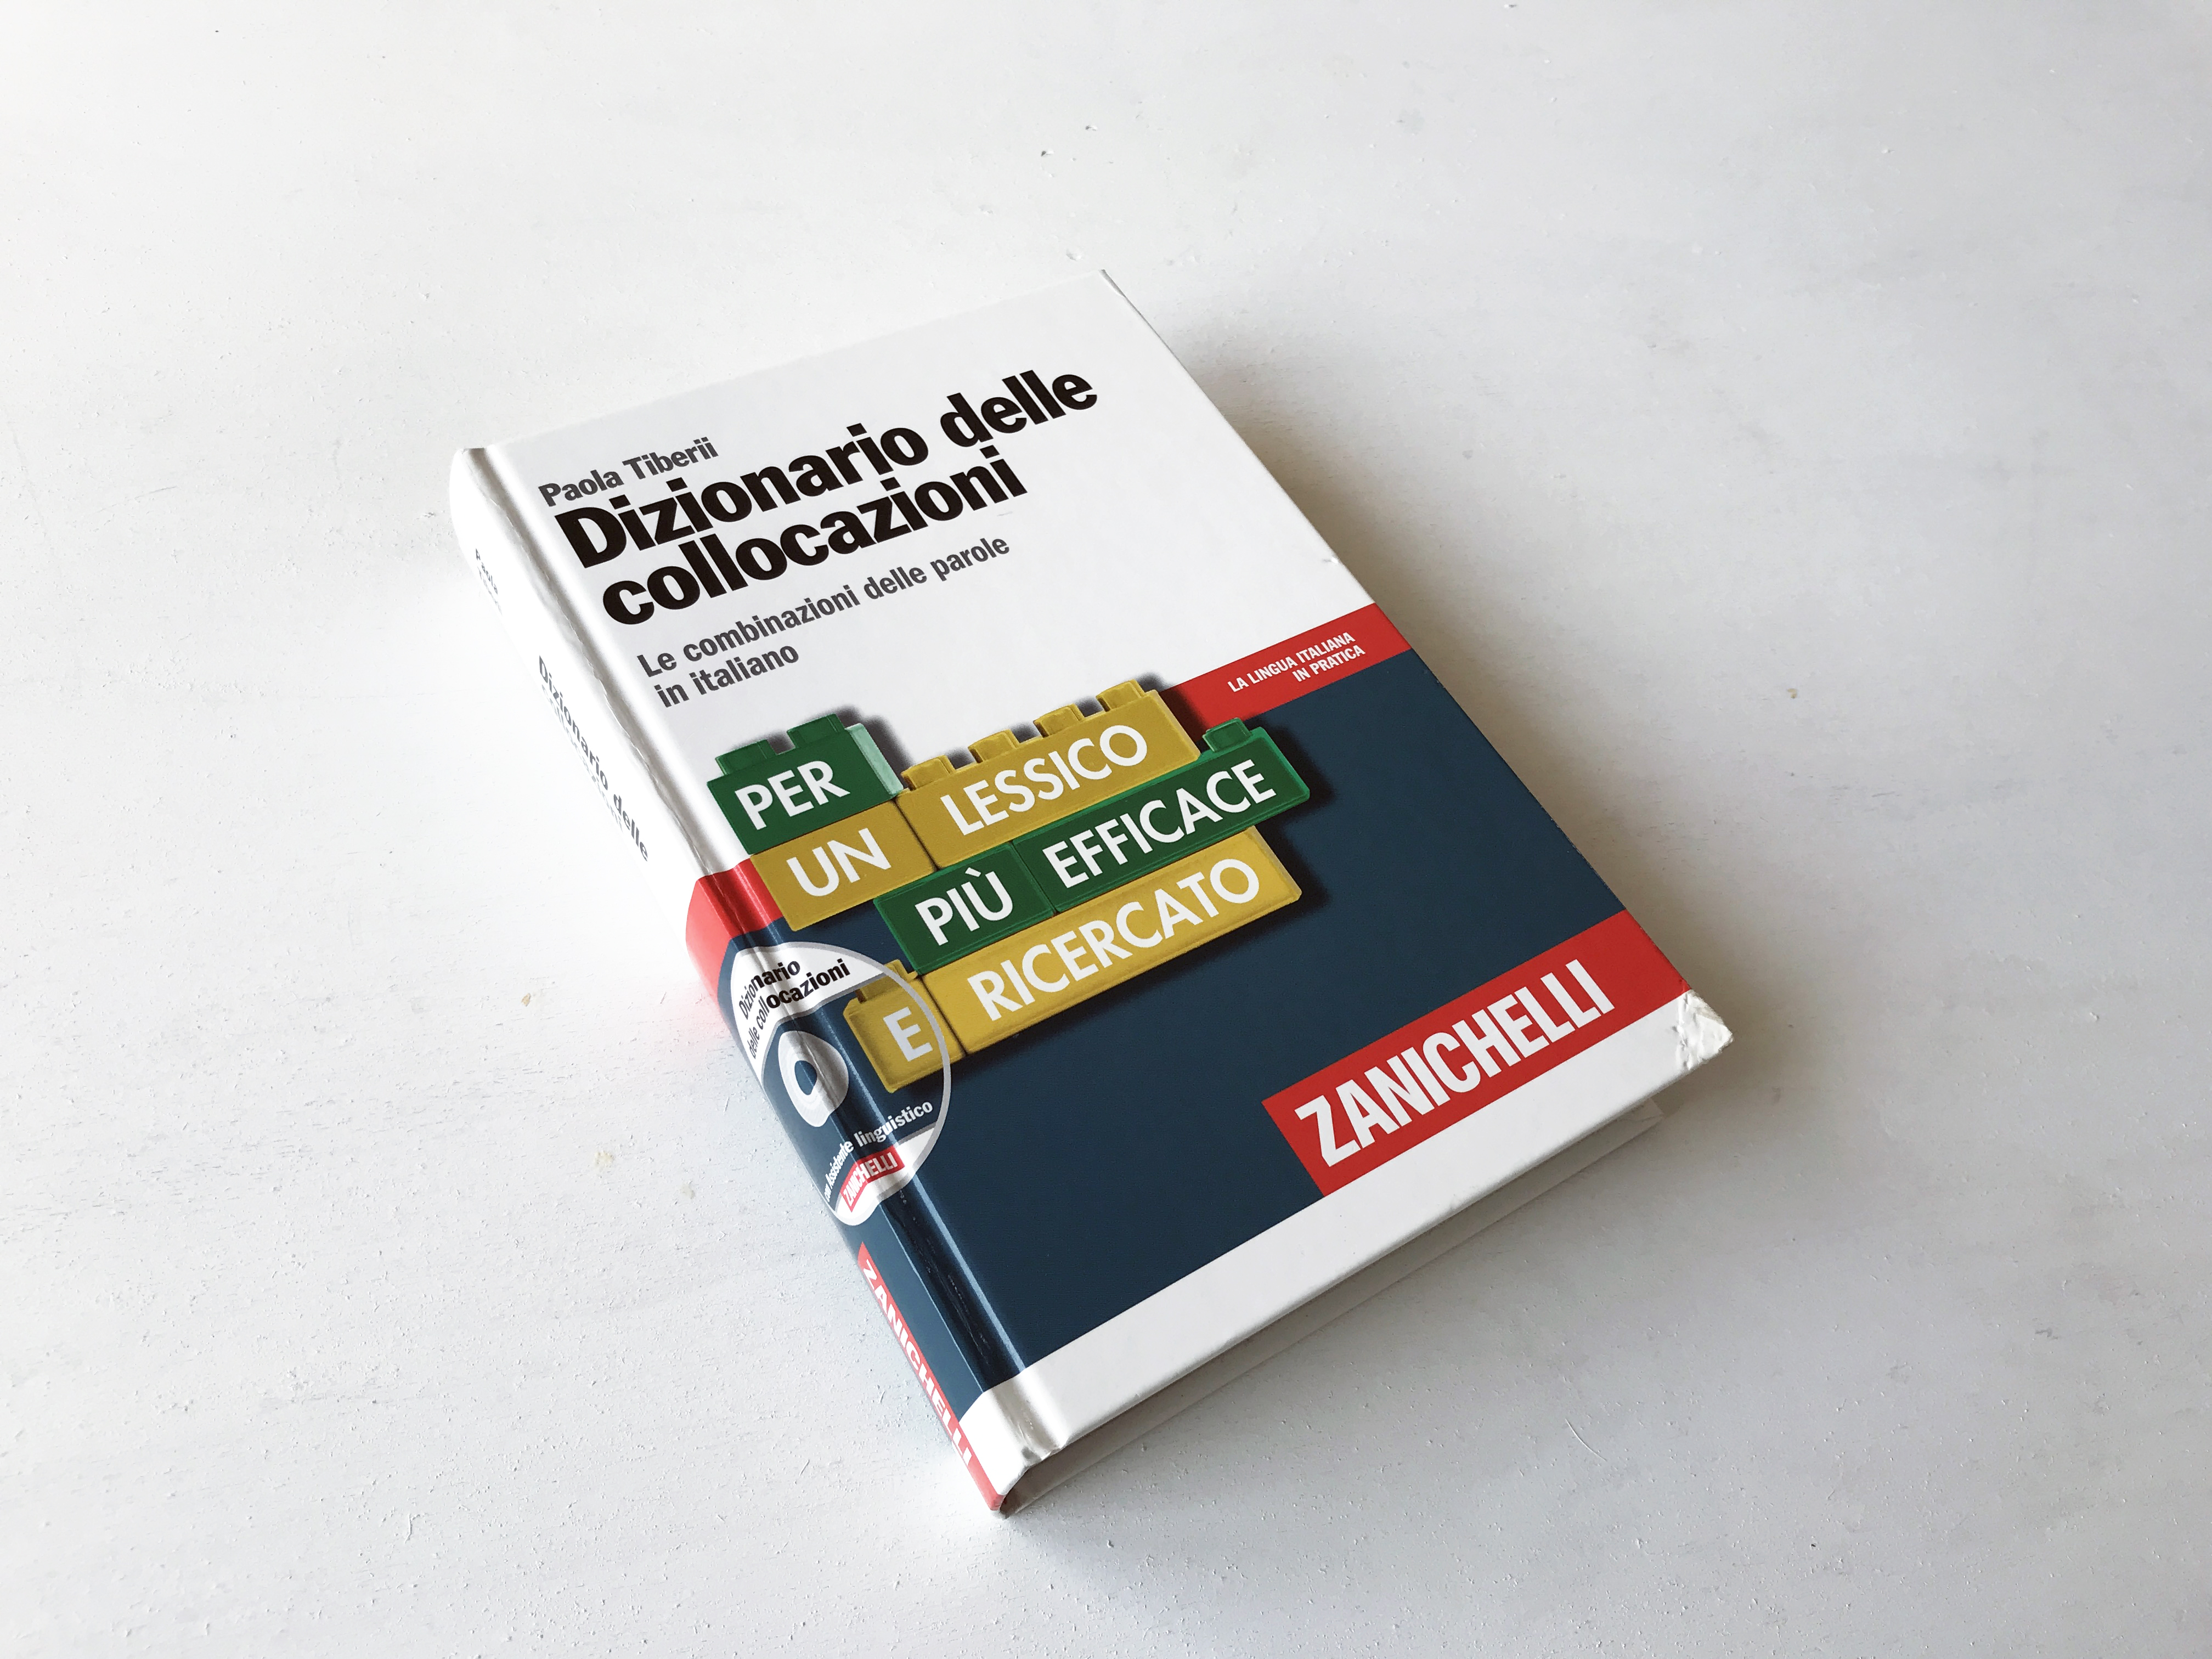 dizionario delle collocazioni zanichelli